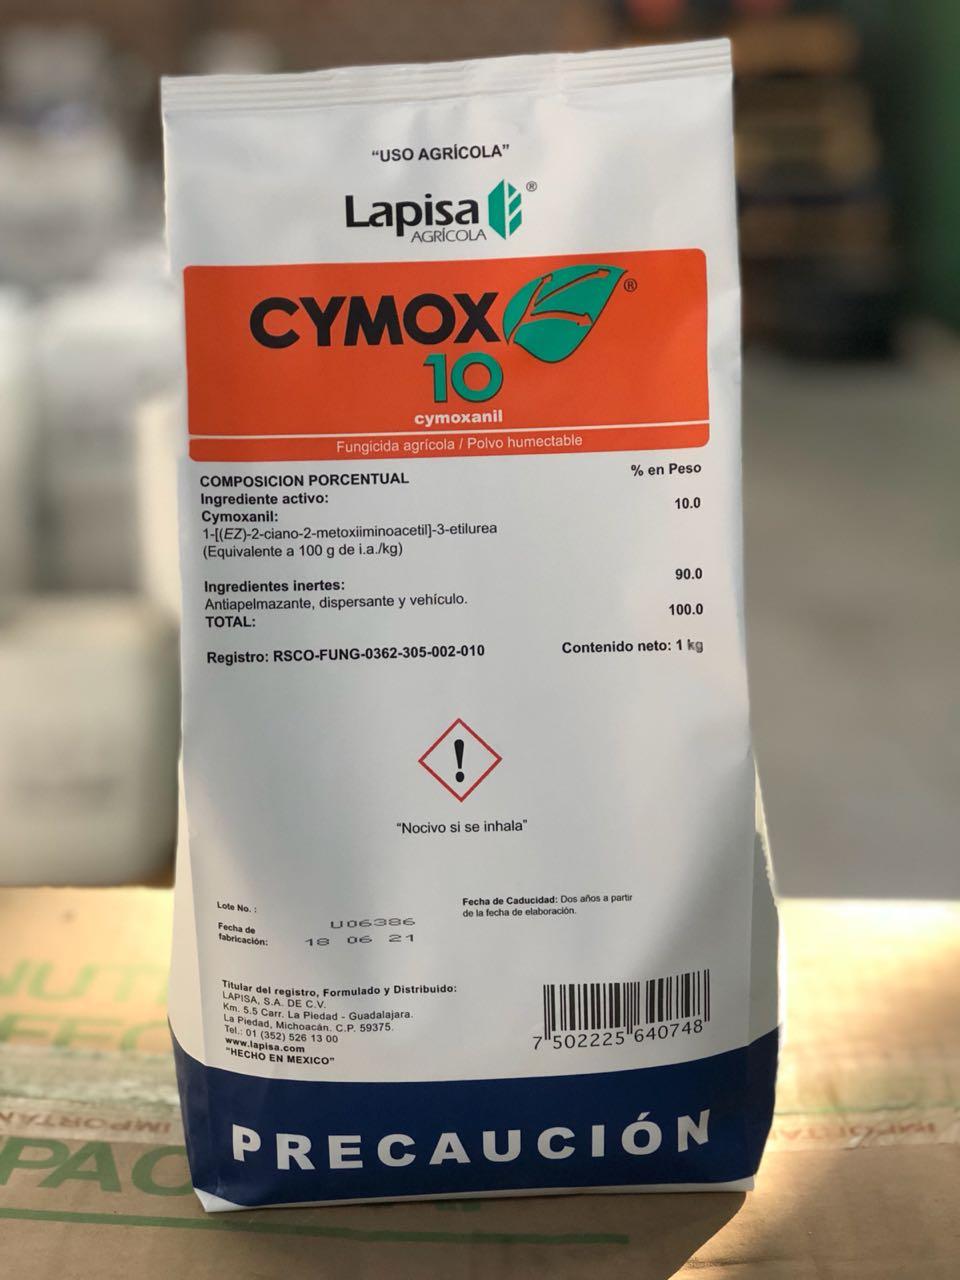 Cymox 10